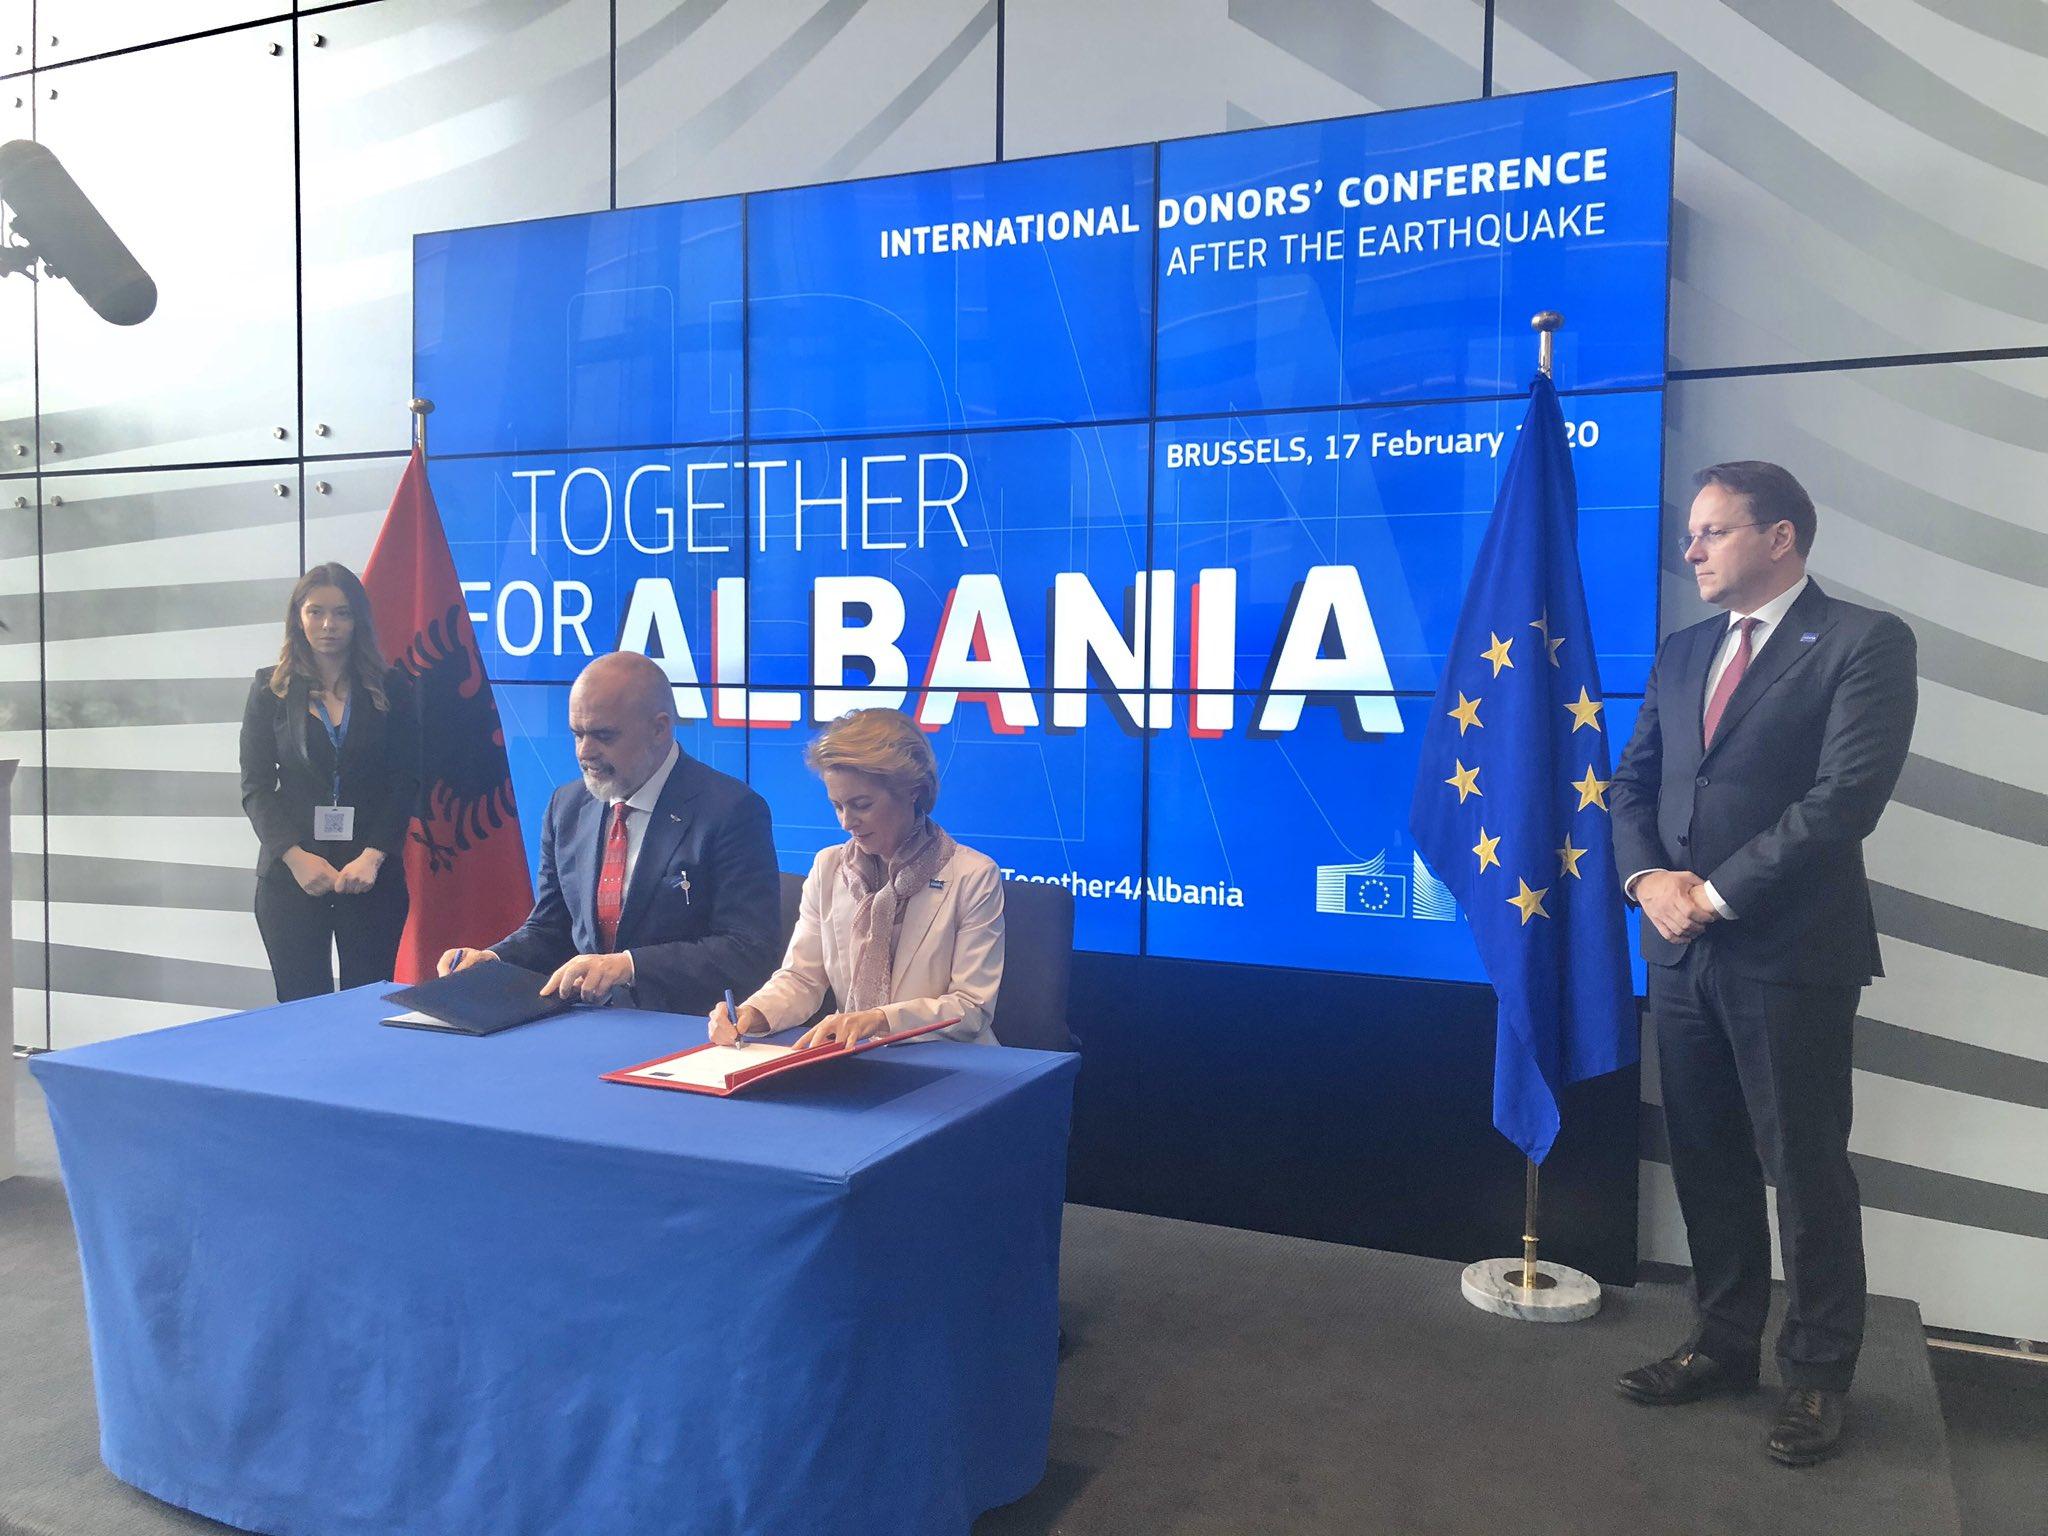 Fondet e BE-së për rindërtimin do të menaxhohen nga UNDP, jo qeveria Rama